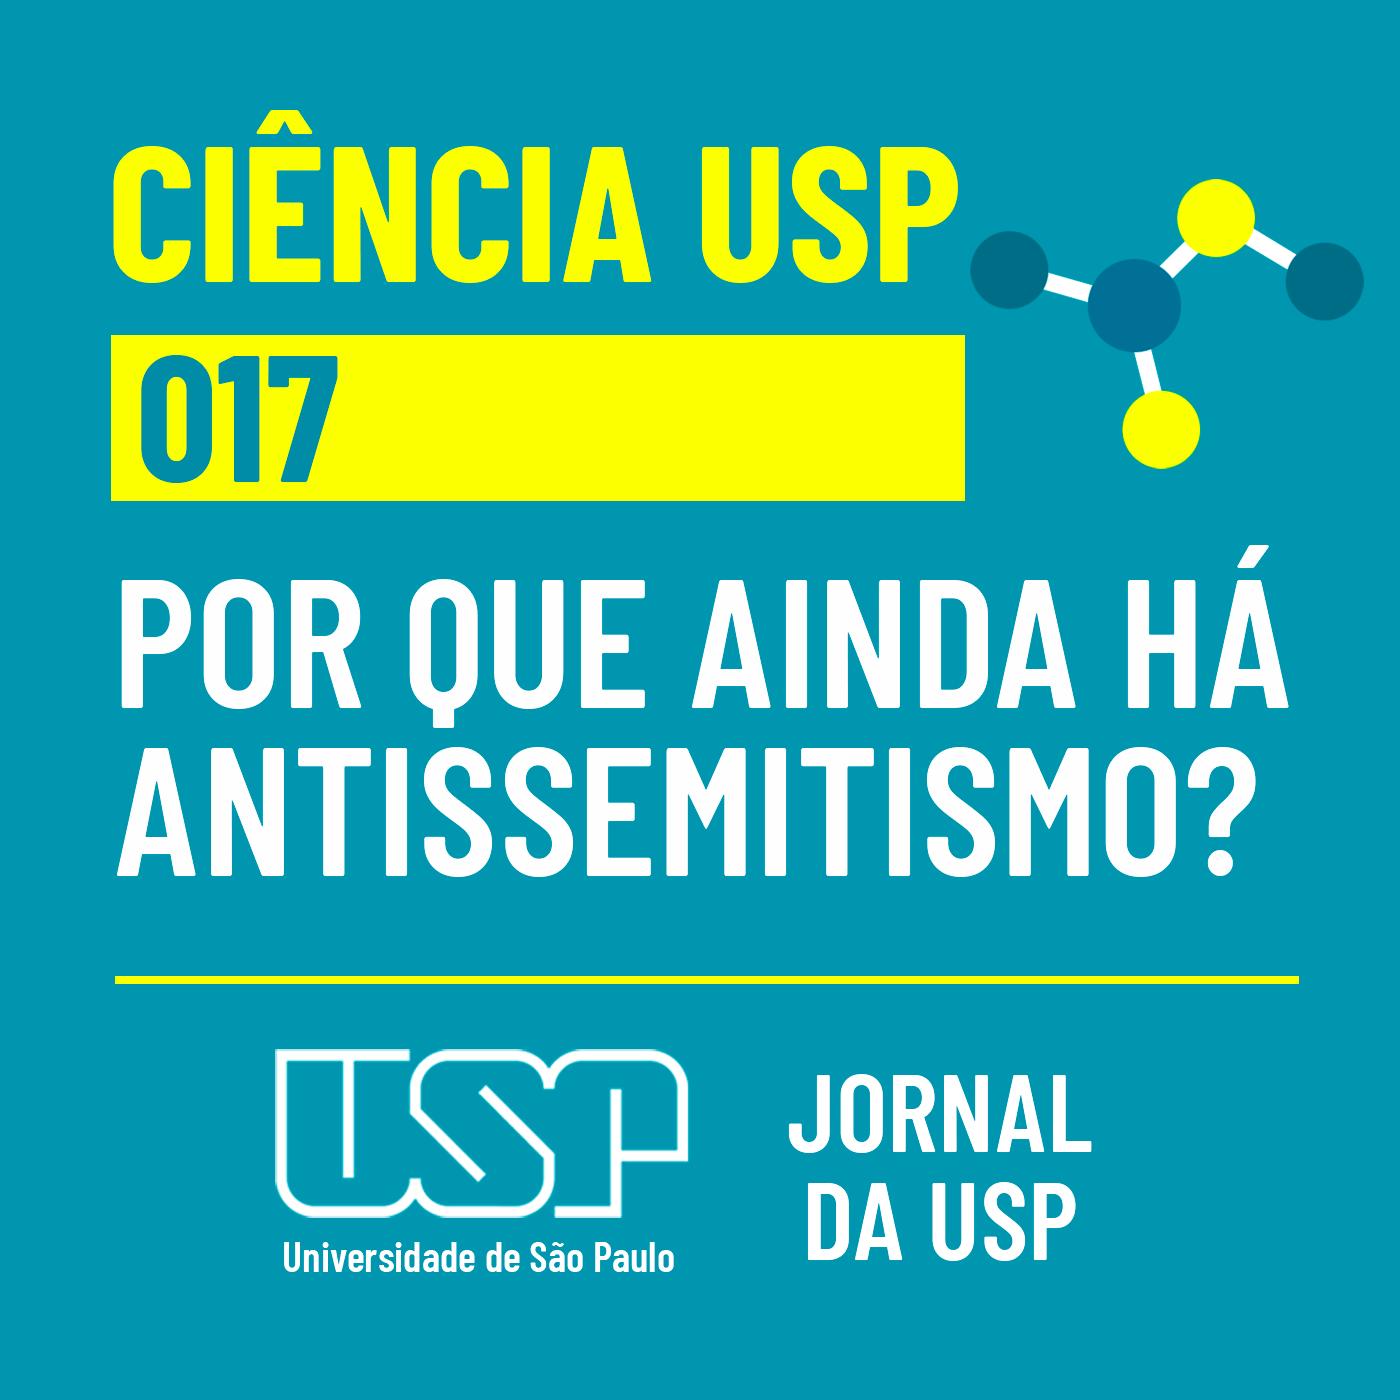 Ciência USP #17: Por que o antissemitismo ainda persiste na sociedade?